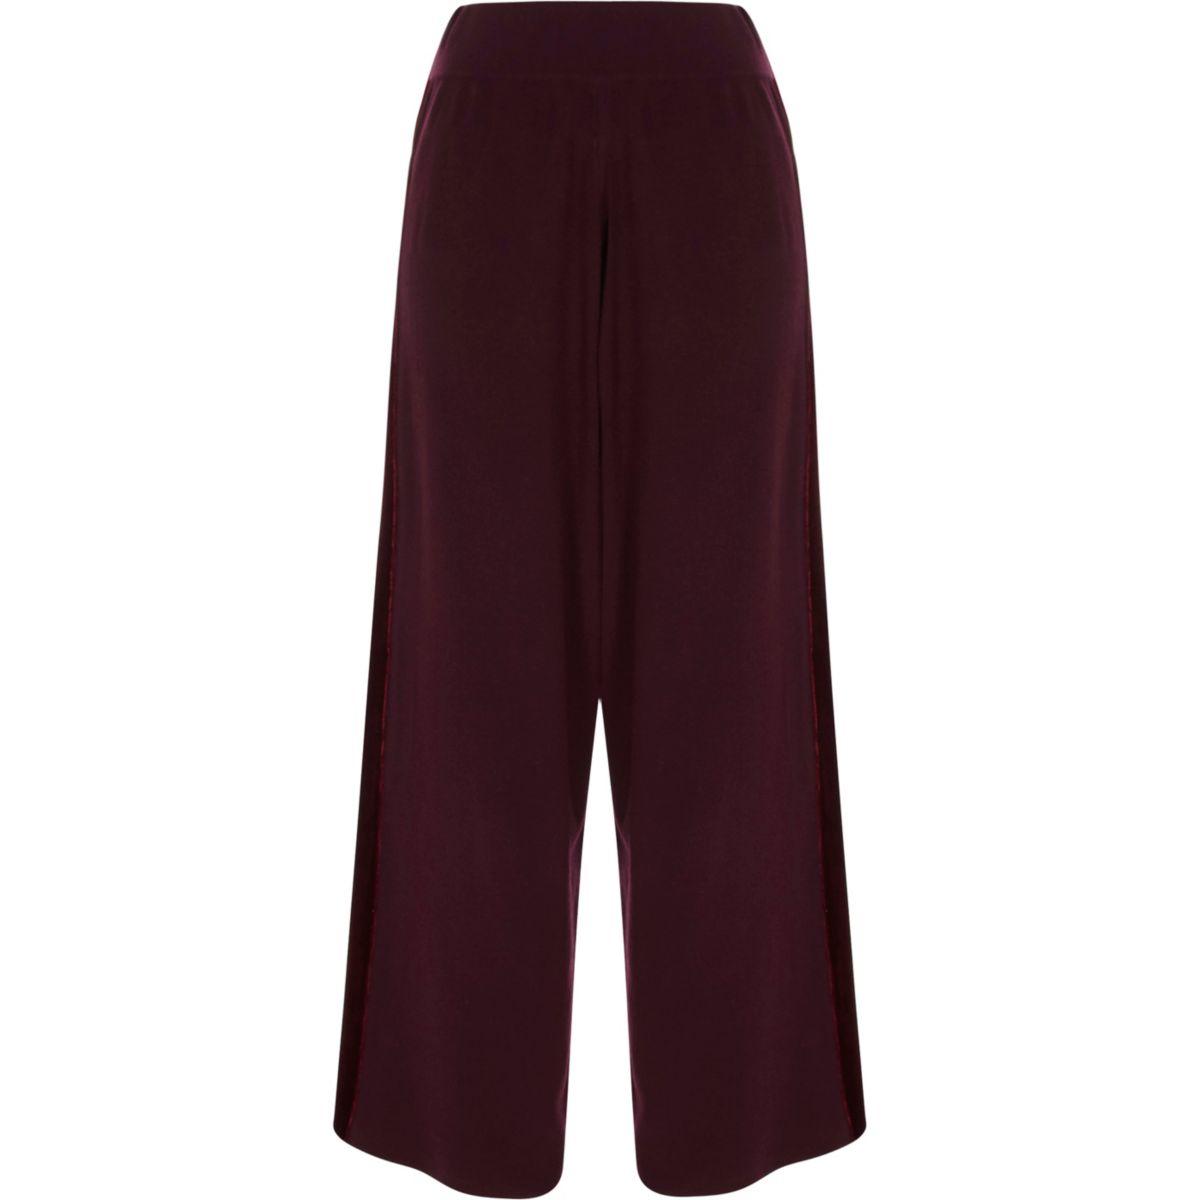 Bordeauxrode gebreide broek met wijde pijpen en fluwelen panelen